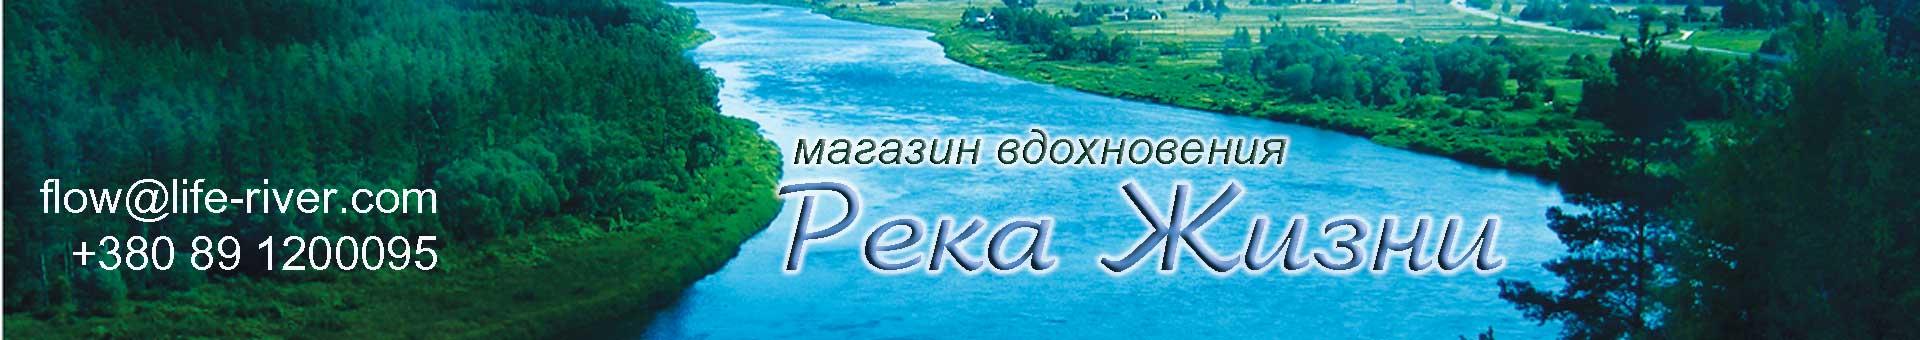 Река Жизни